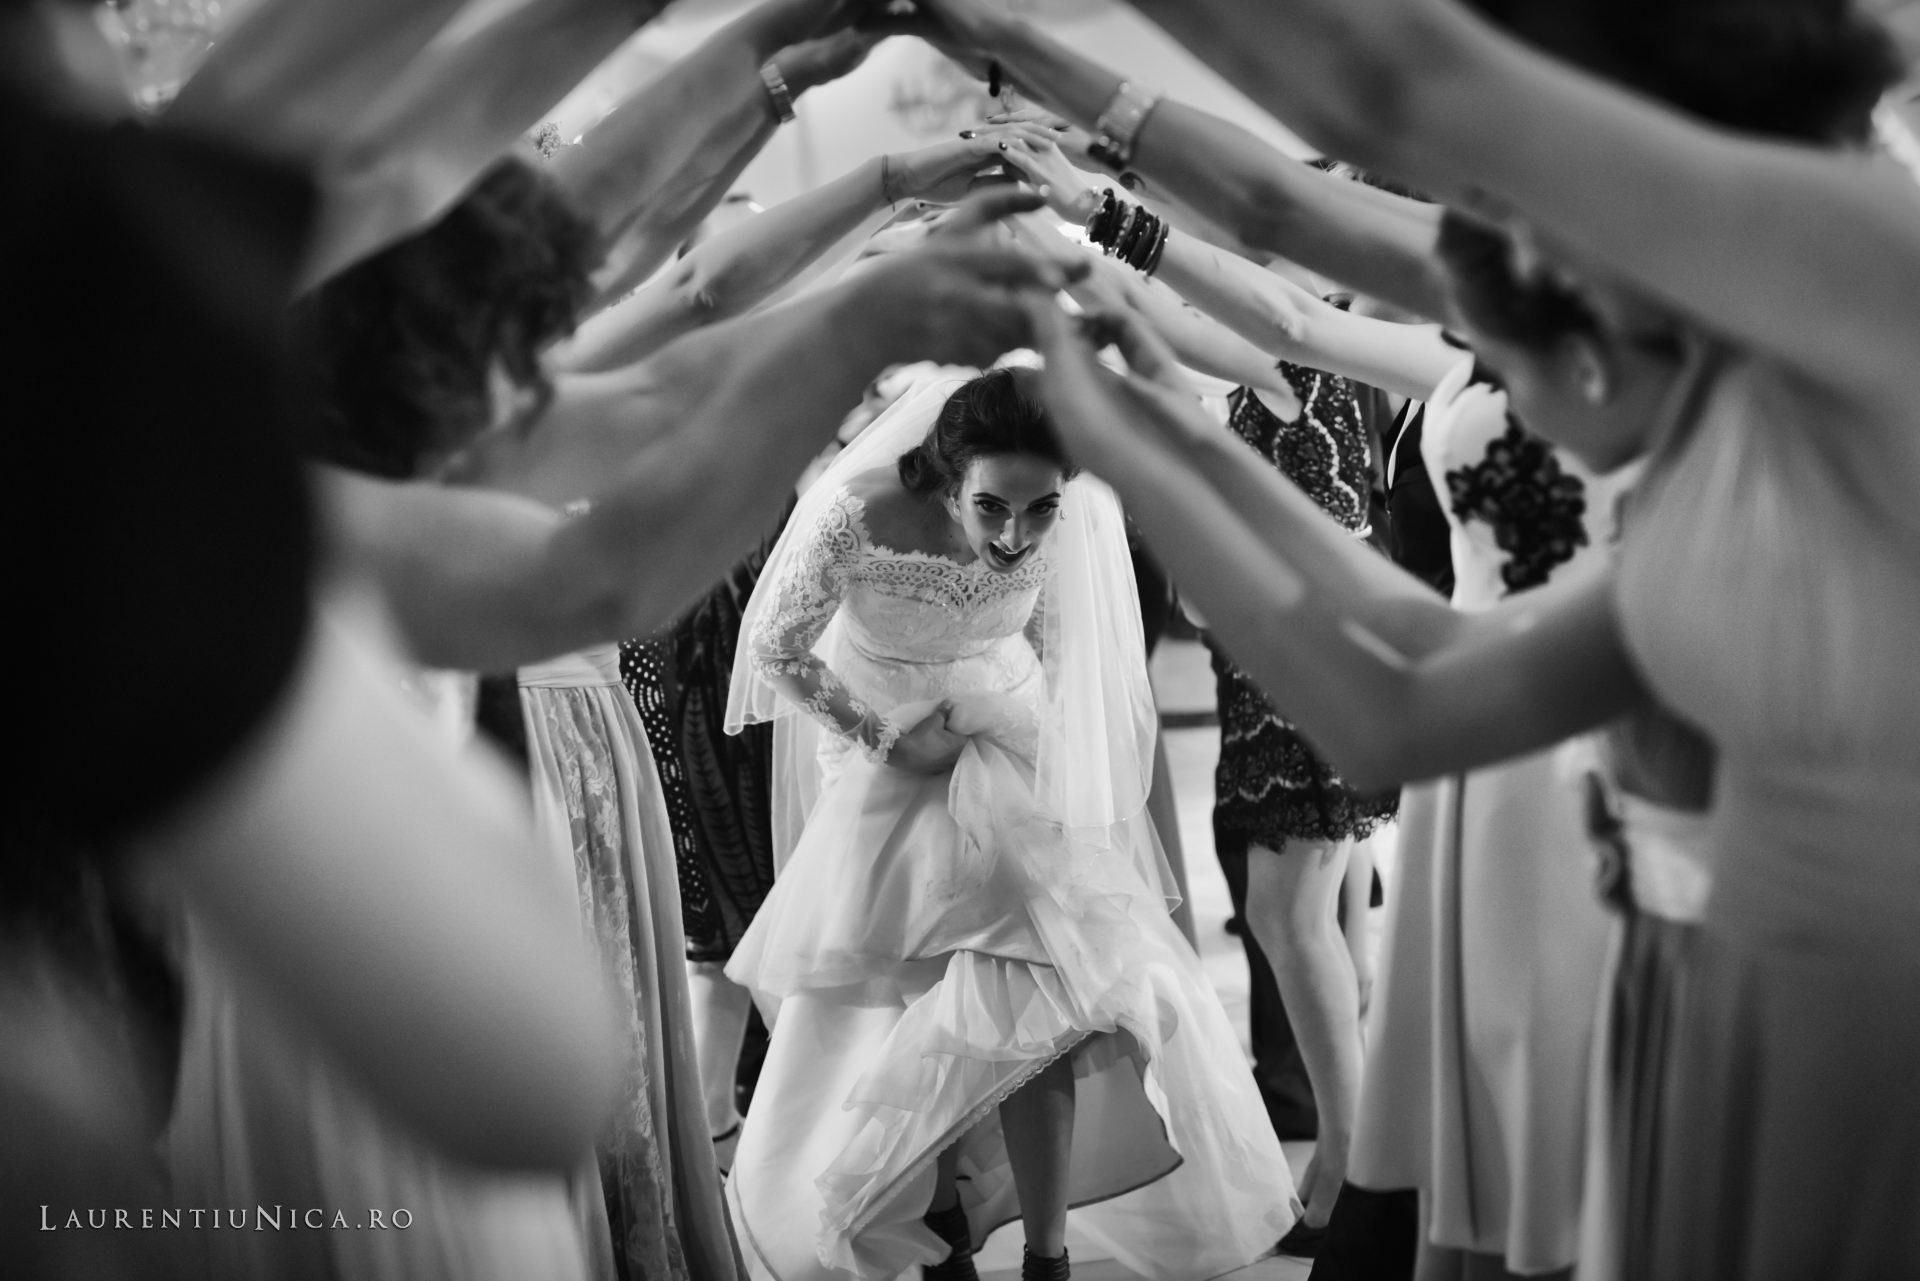 Cristina si Ovidiu nunta Craiova fotograf laurentiu nica 147 - Cristina & Ovidiu | Fotografii nunta | Craiova